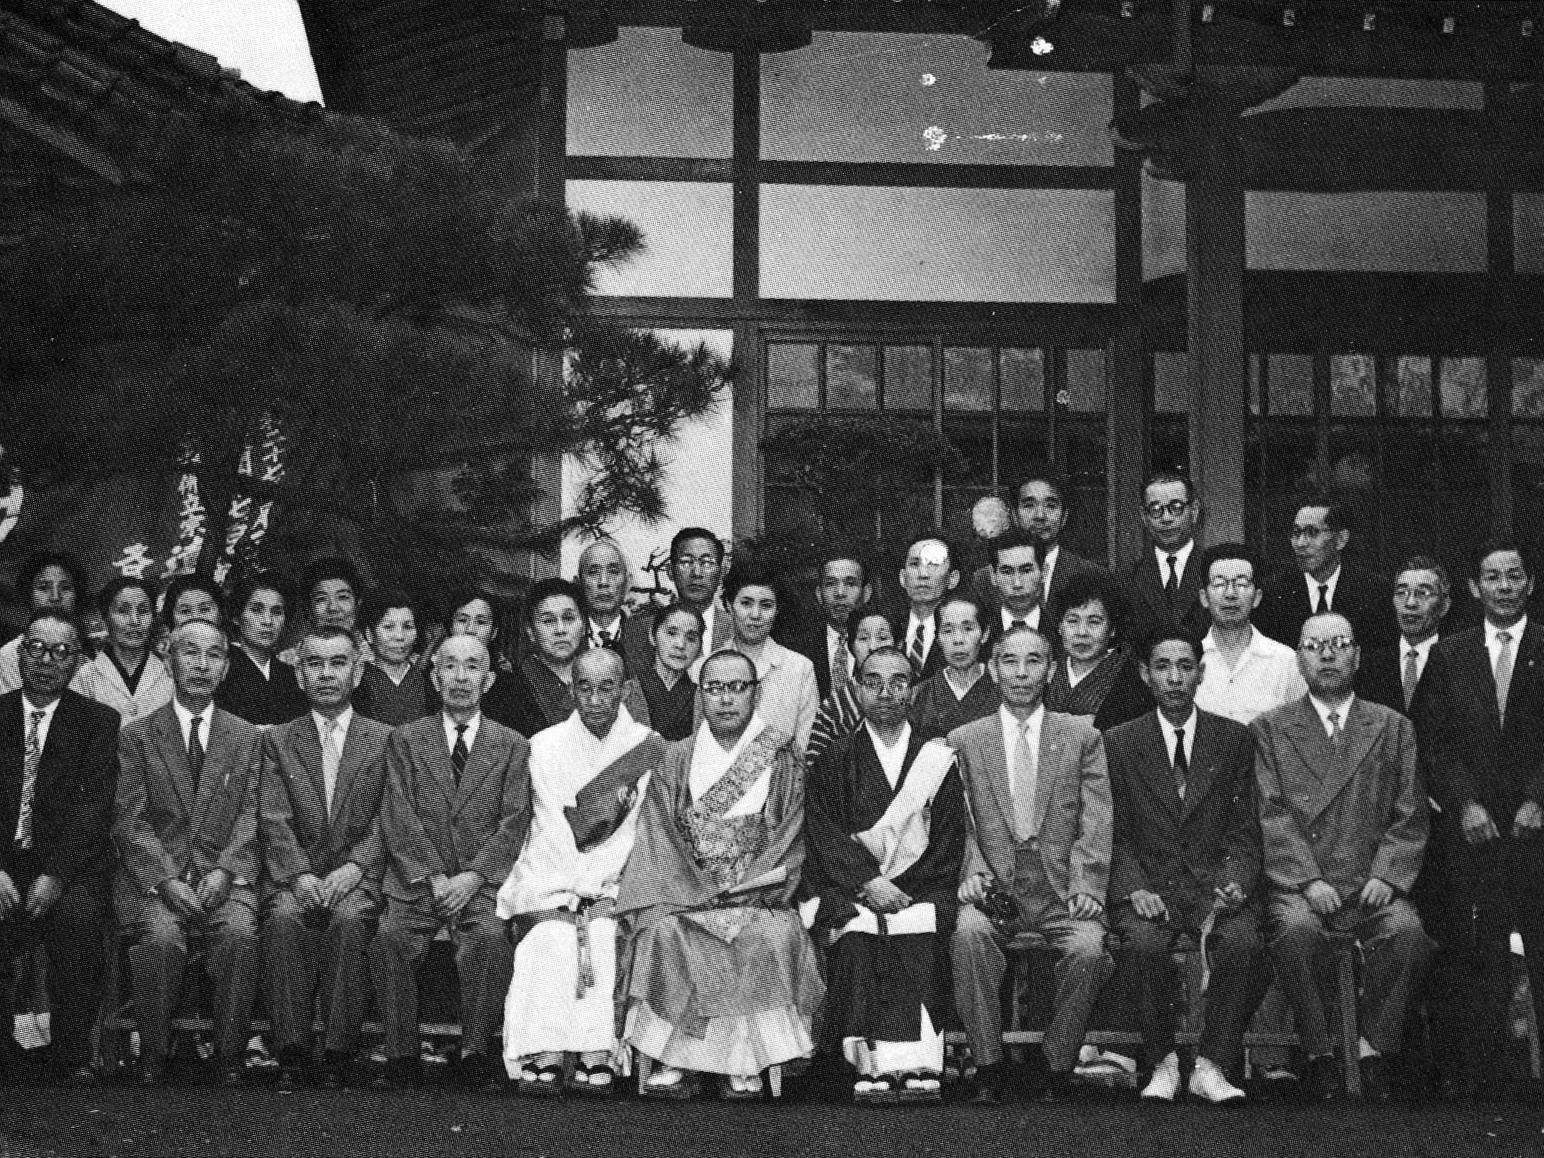 昭和31年には戦前の本堂同様に美しく古風な落ち着いた作りの本堂が完成しました。